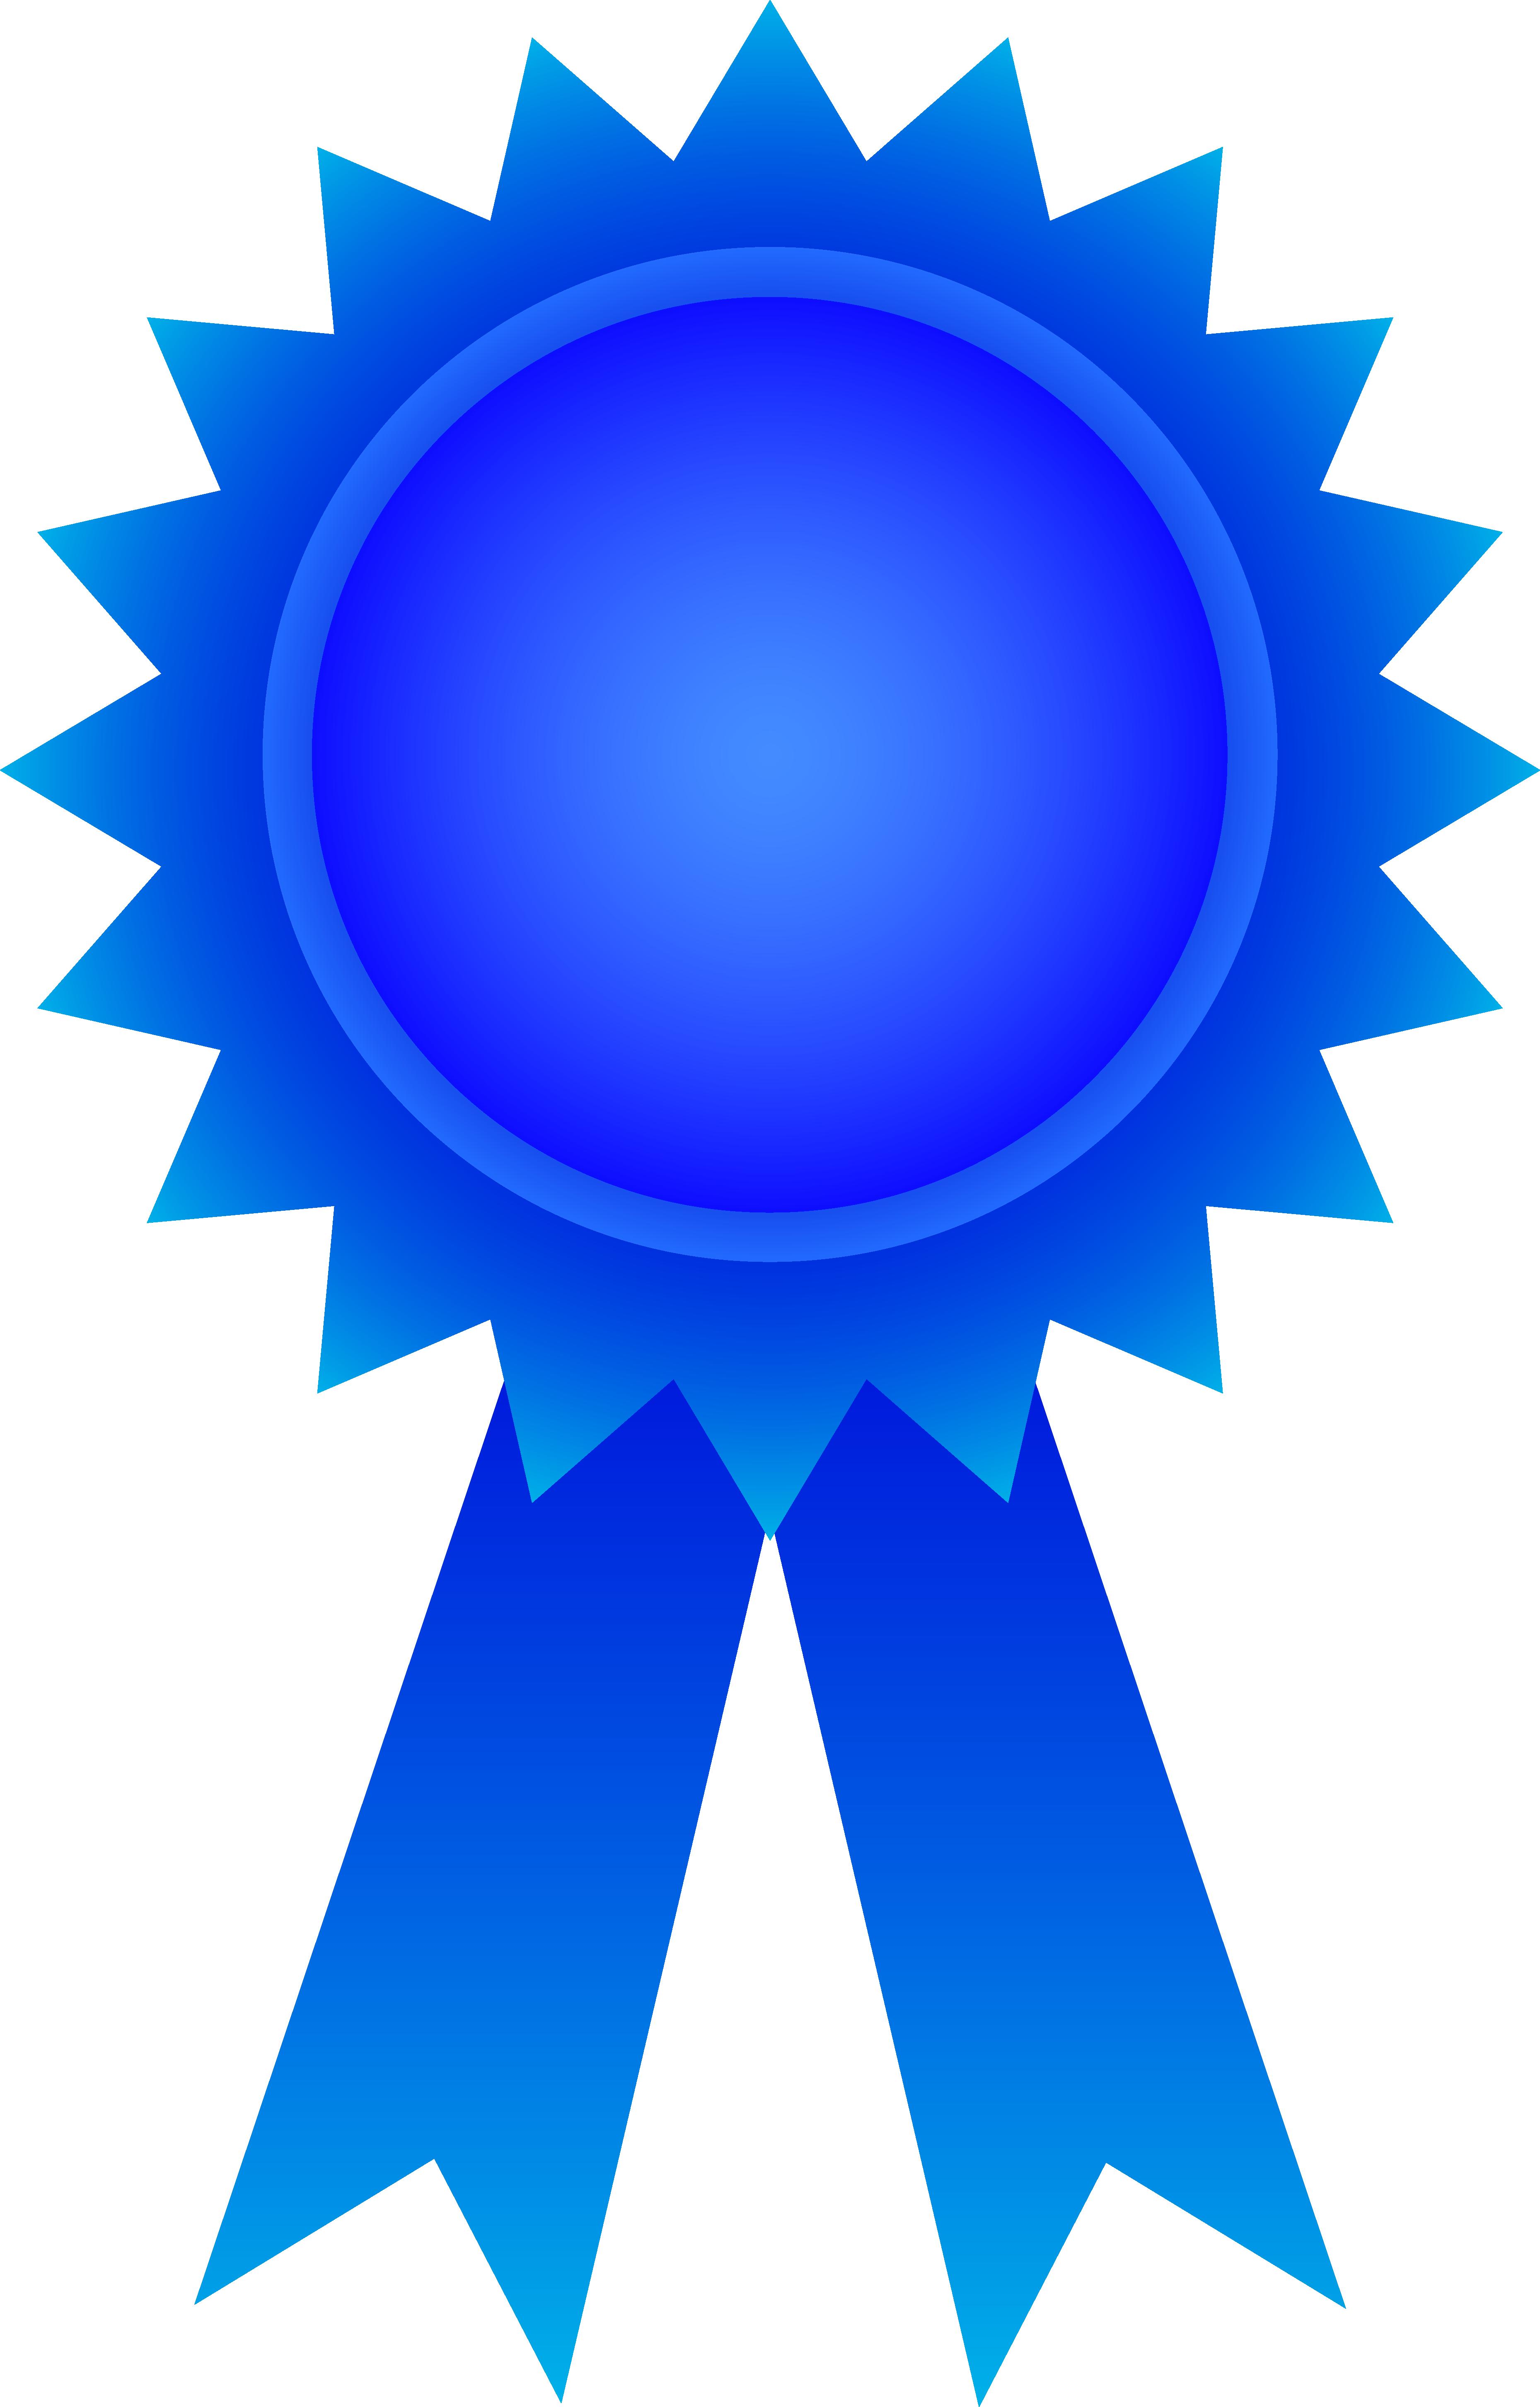 Free Award Ribbon Cliparts, Download Free Clip Art, Free.